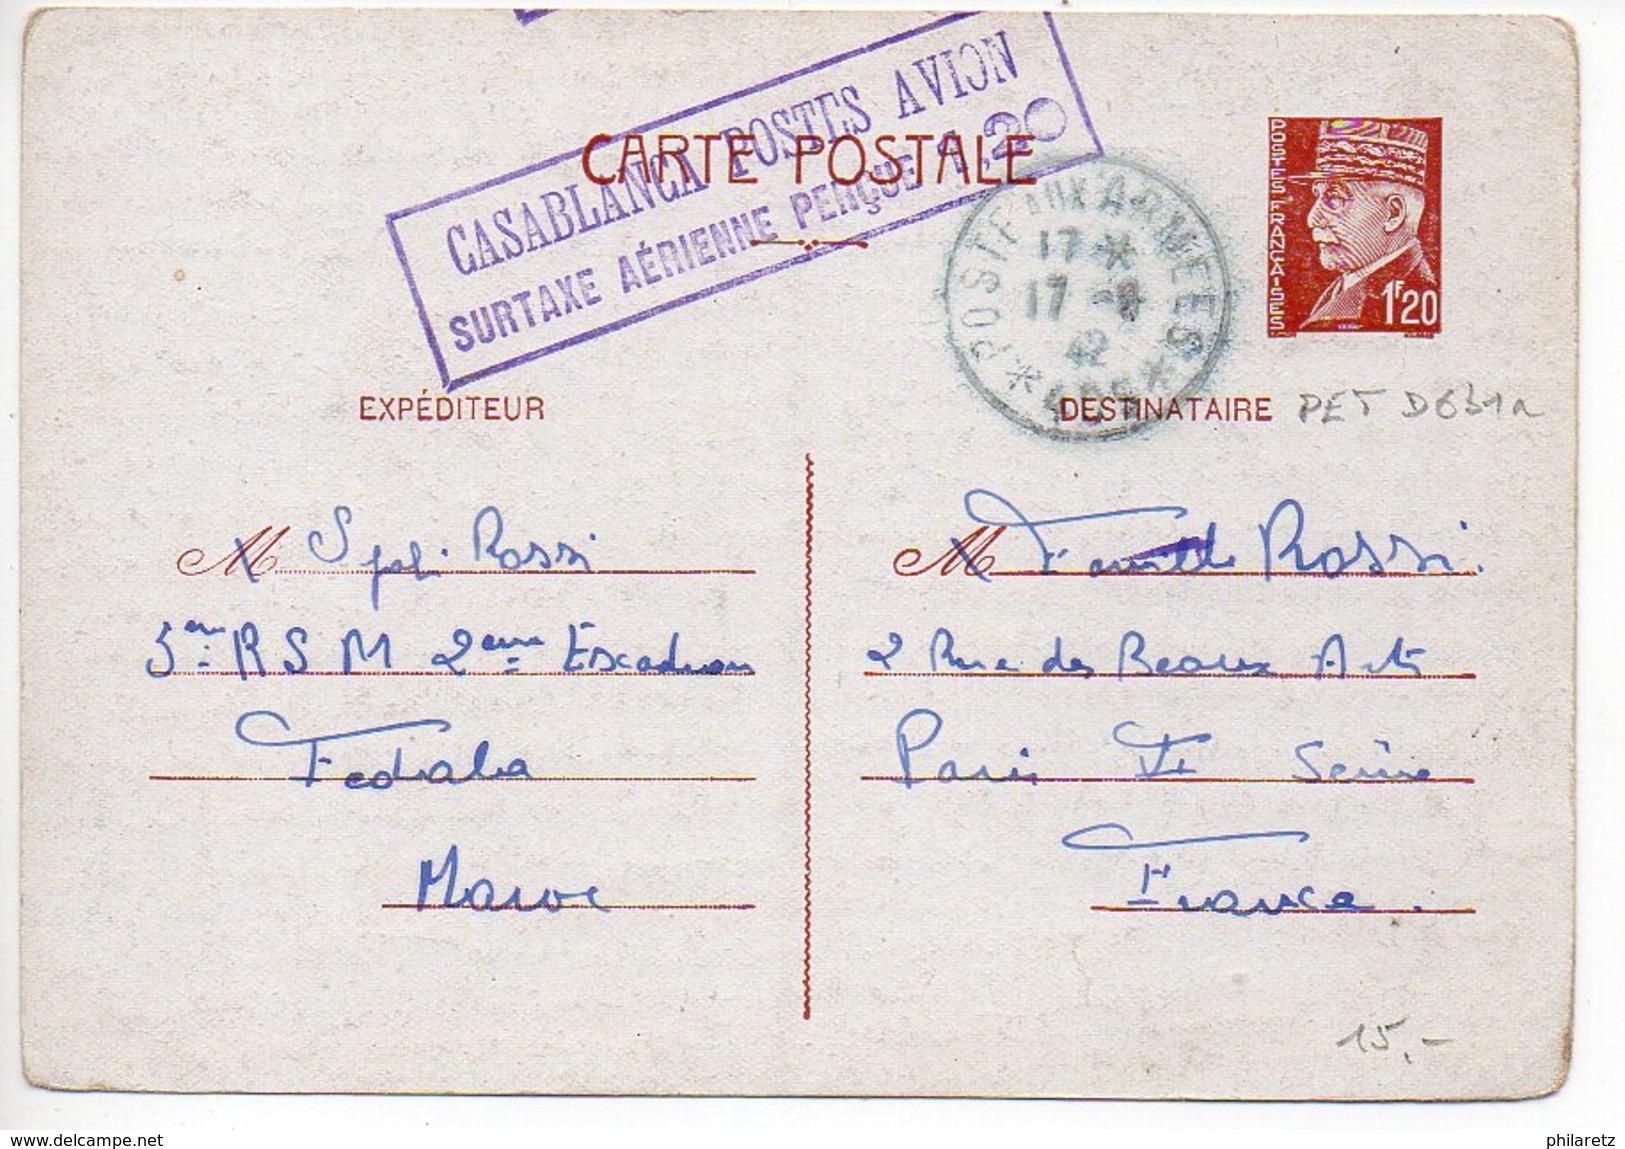 Entier Postal Carte 1f20 Pétain - Provenance Du Maroc Avec Cachet Violet Encadré De Casablanca Postes Avion (CaD T&P 409 - Cartes Postales Types Et TSC (avant 1995)